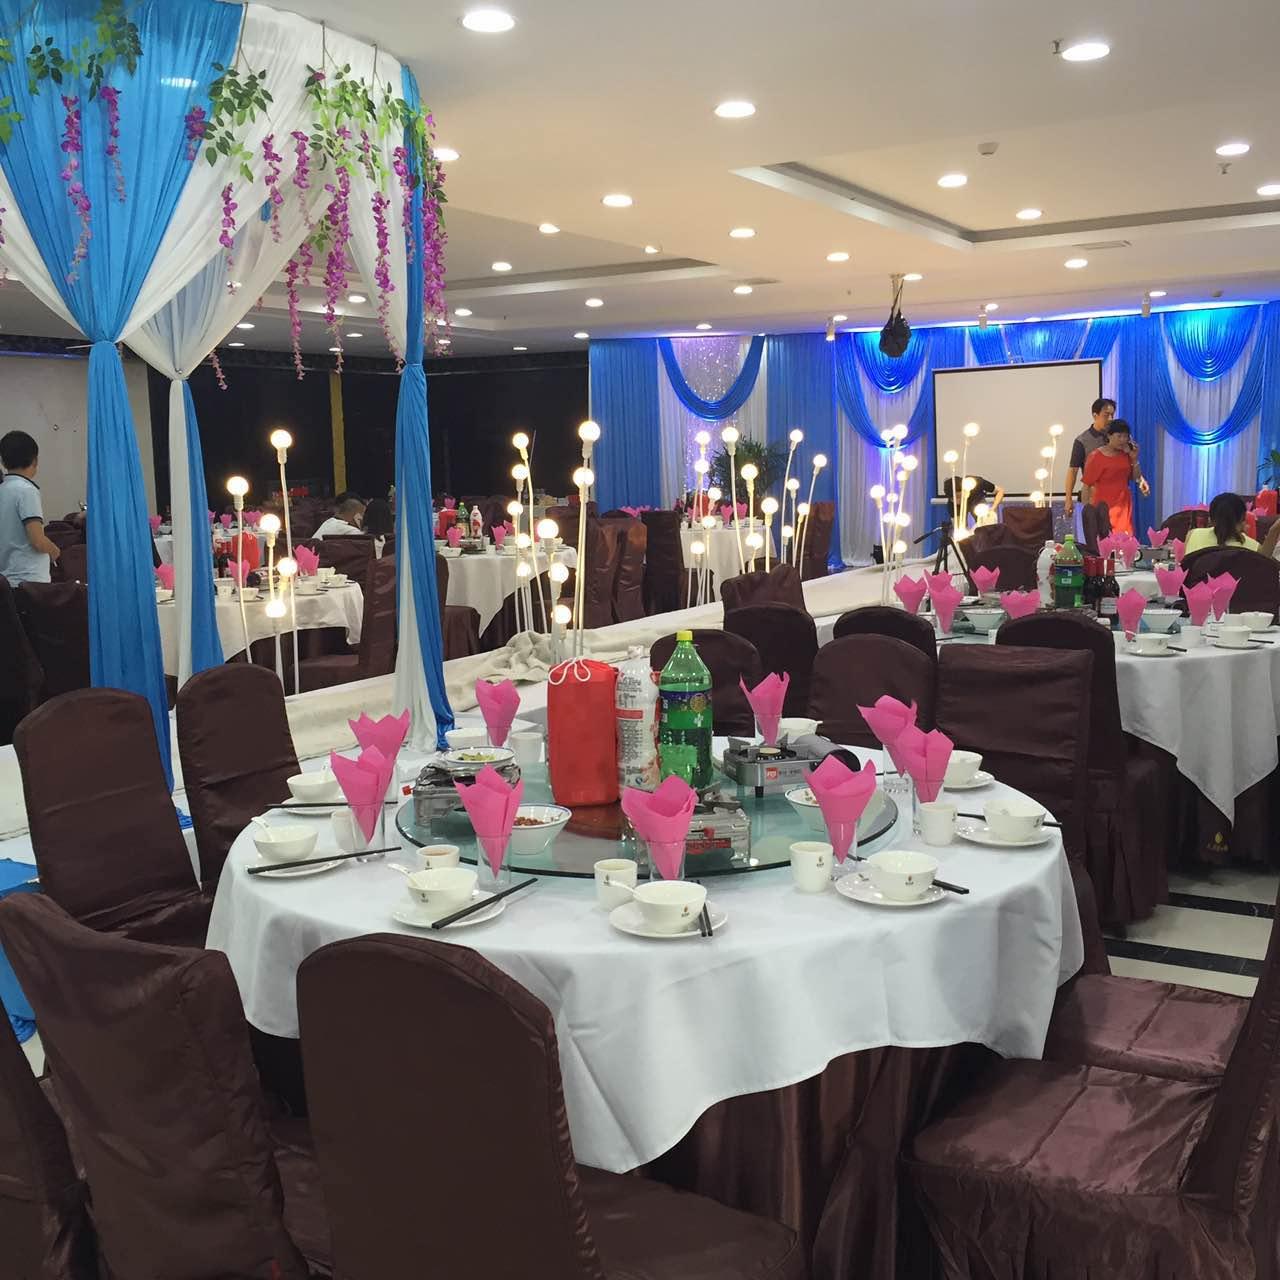 兴湘国际商务酒店(麦稻源)婚宴预订